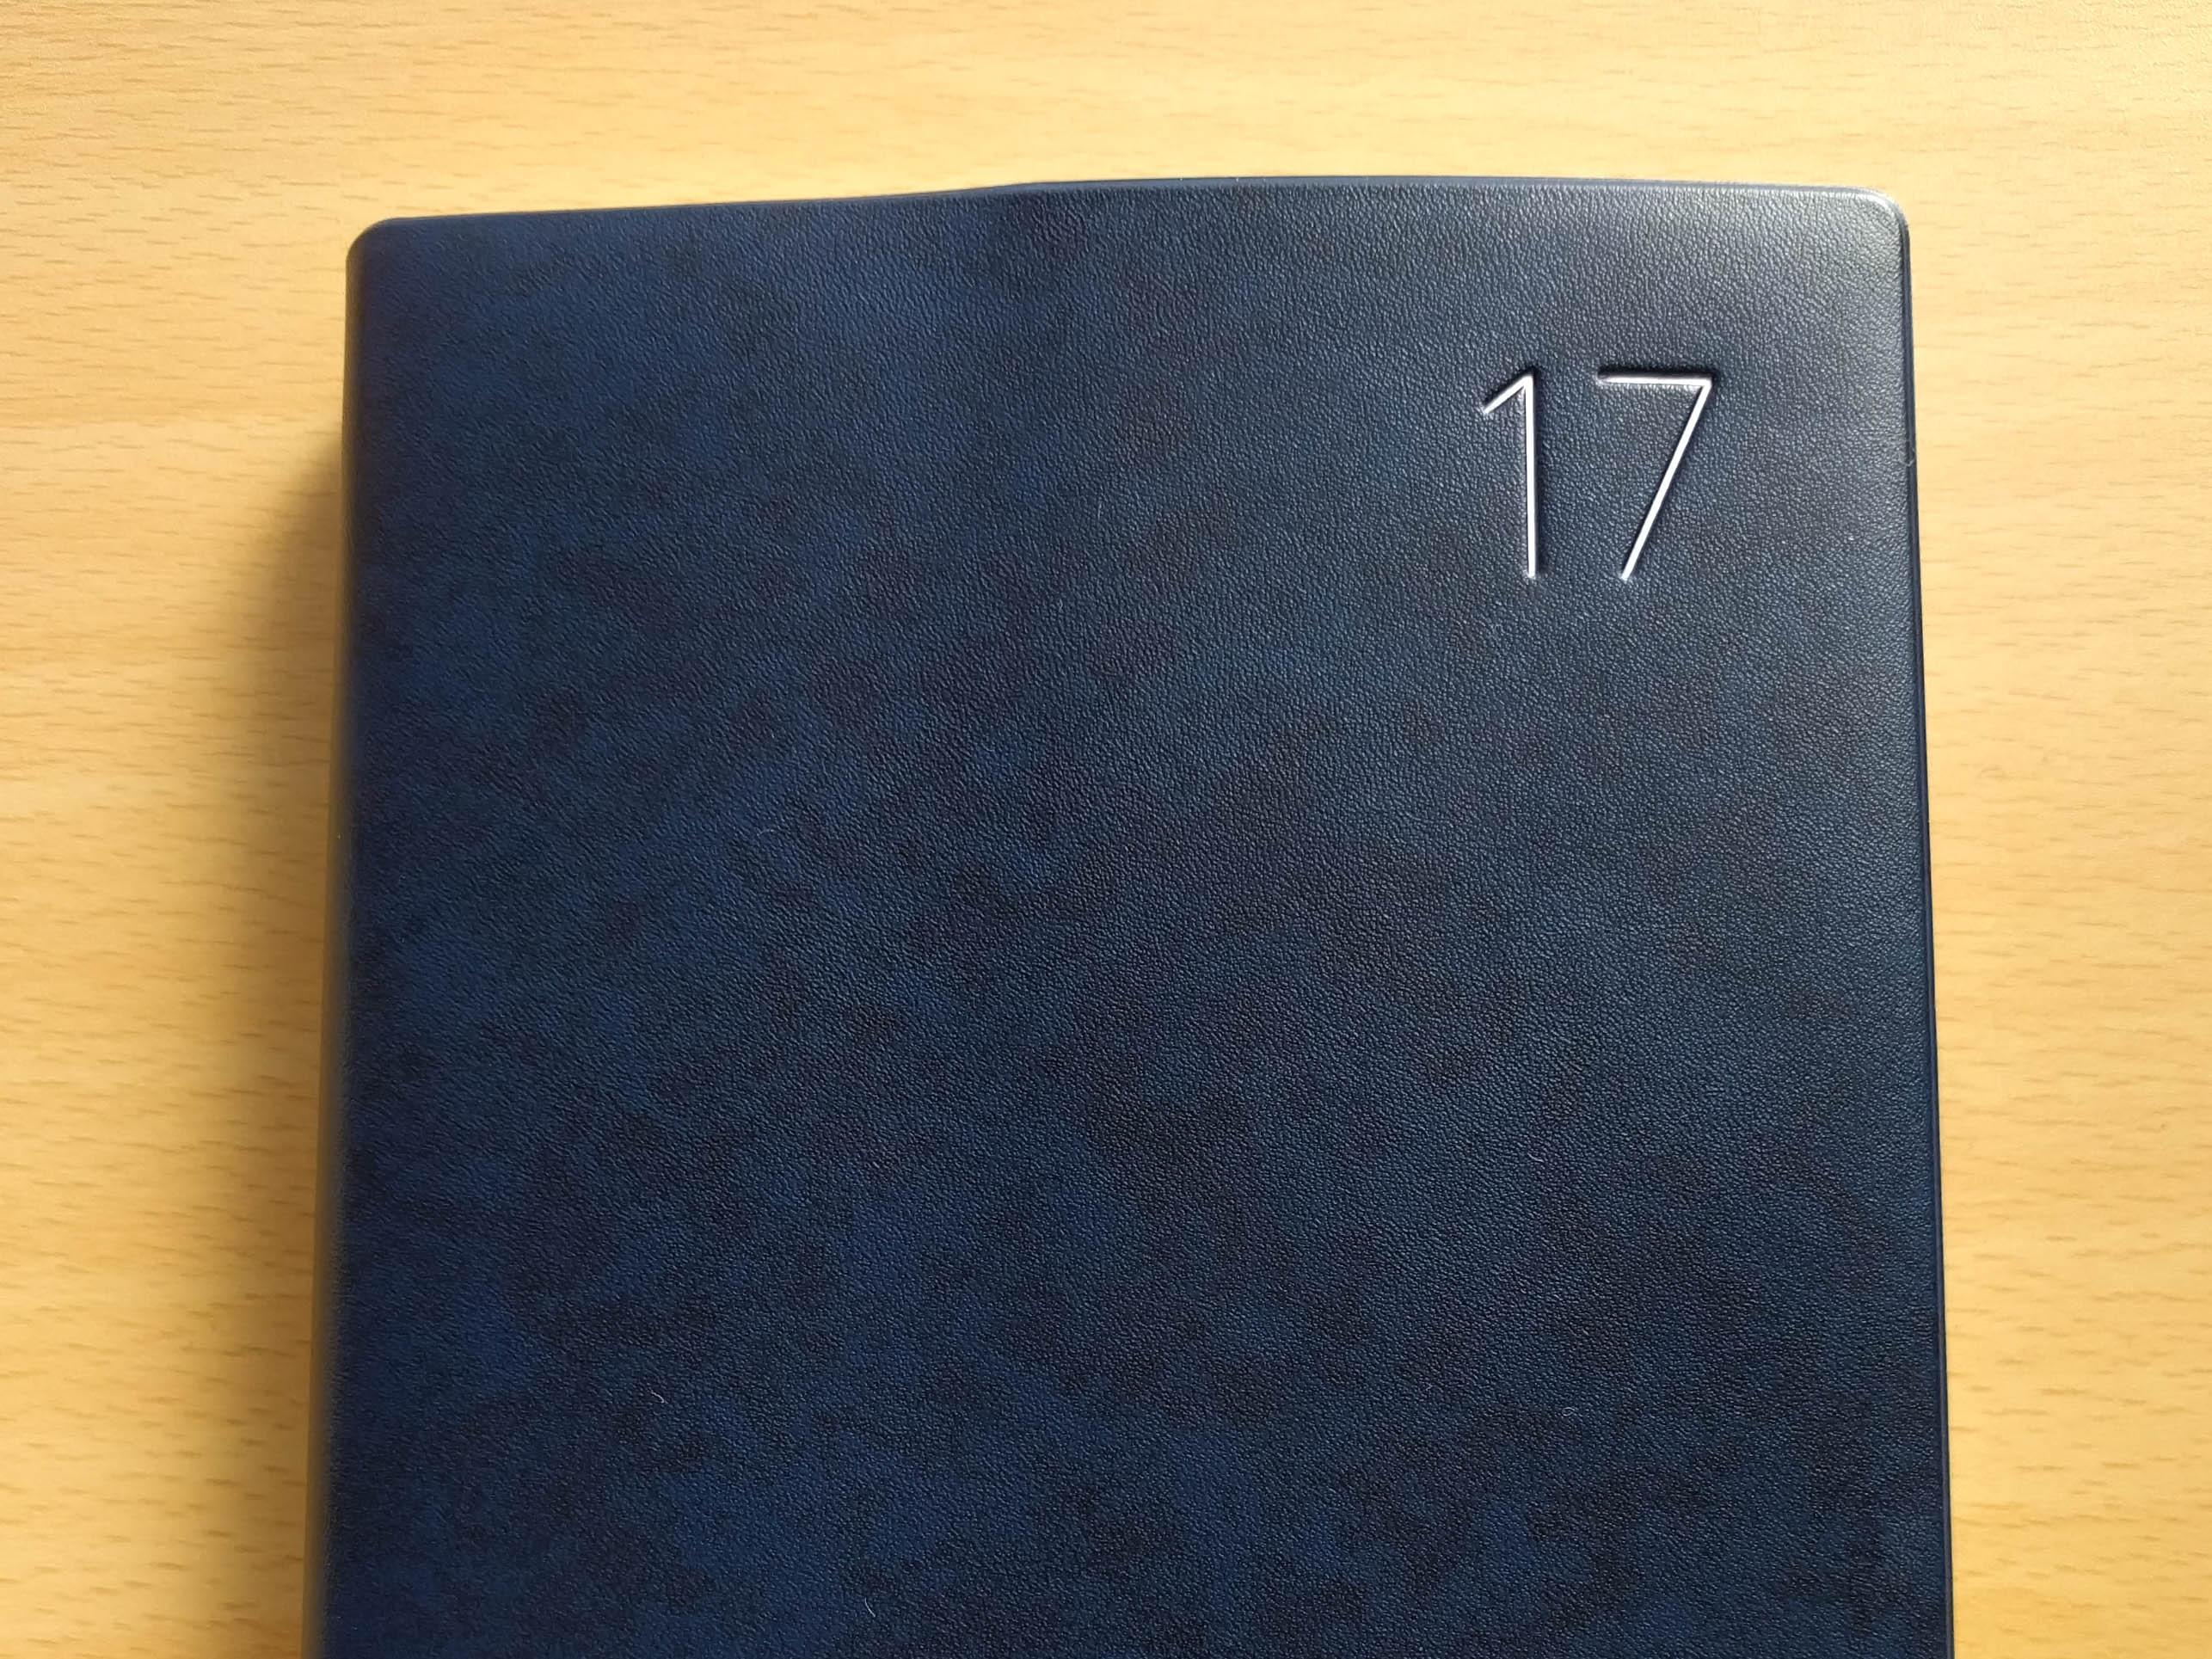 スケジュール管理も日記もイラストも。1日1ページの手帳『Nolty U365』レビュー